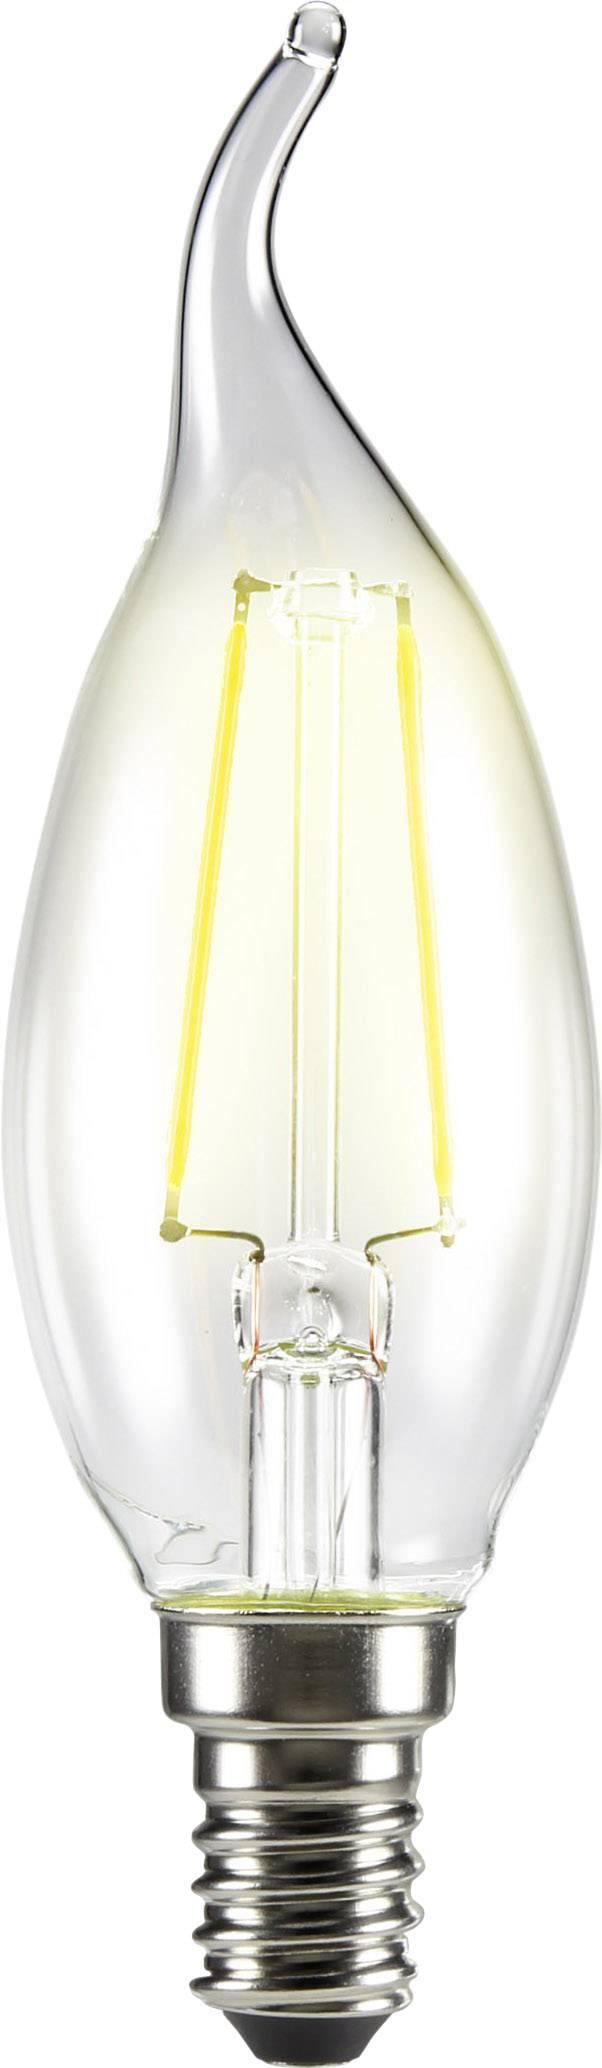 LED žárovka Sygonix 1376689 230 V, E14, 2 W = 25 W, teplá bílá, A++ (A++ - E), vlákno, 1 ks